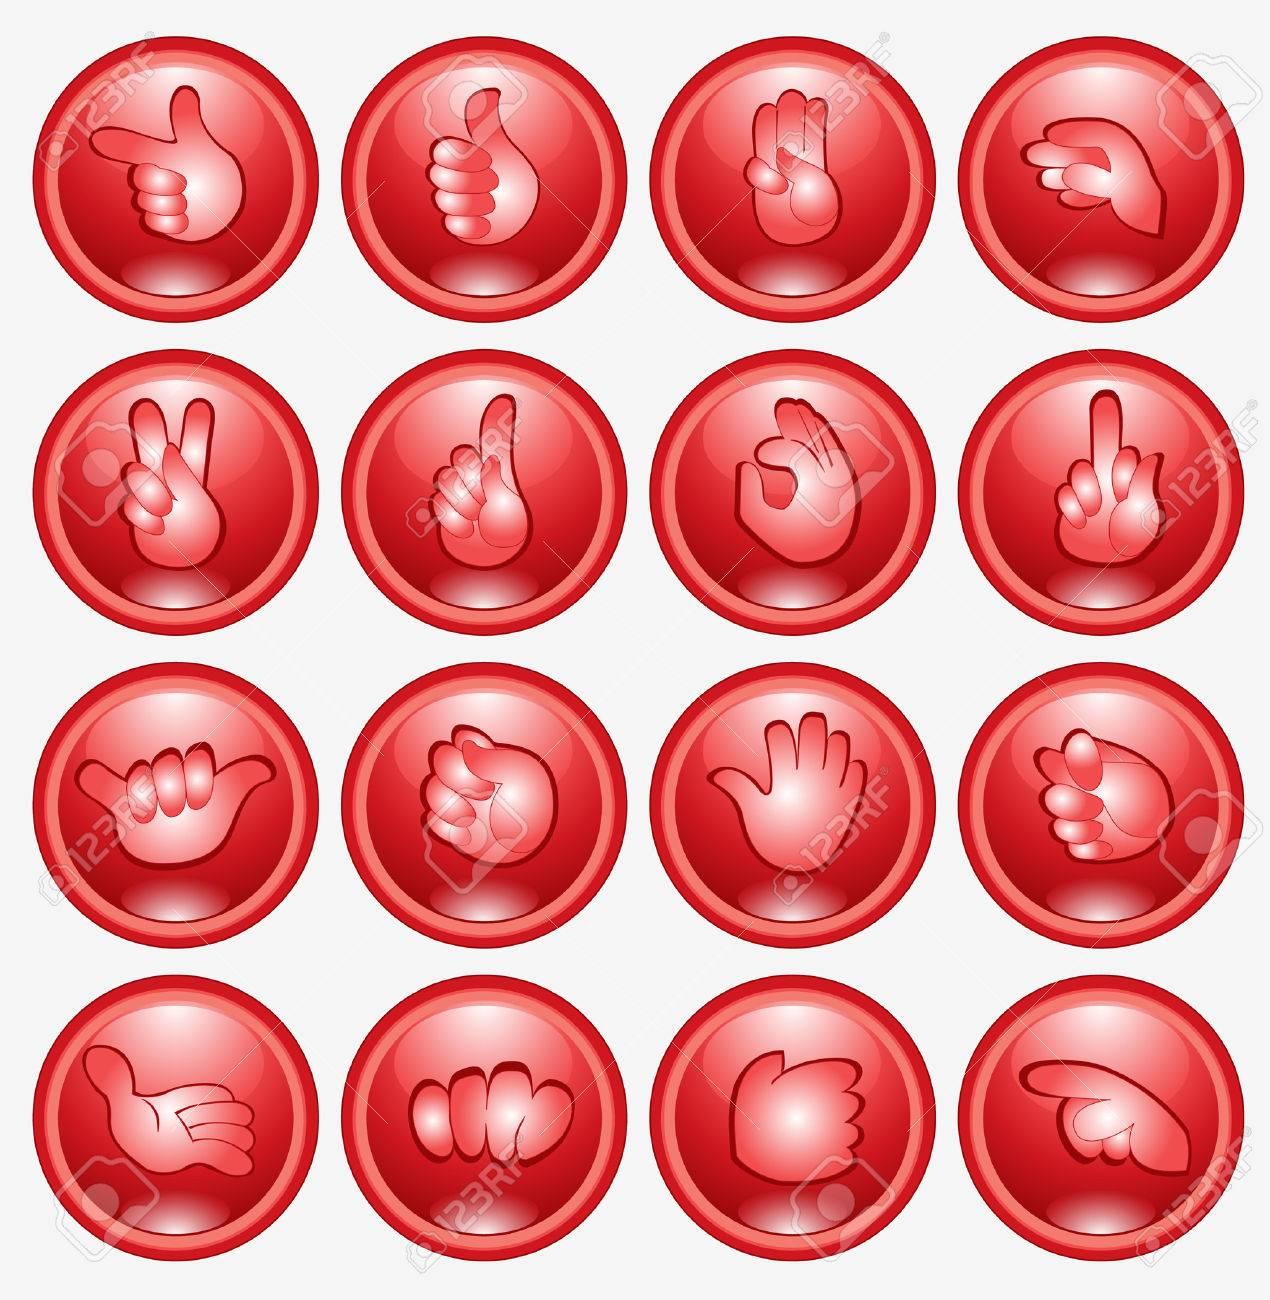 finger arm hend icon web button Stock Vector - 8142493